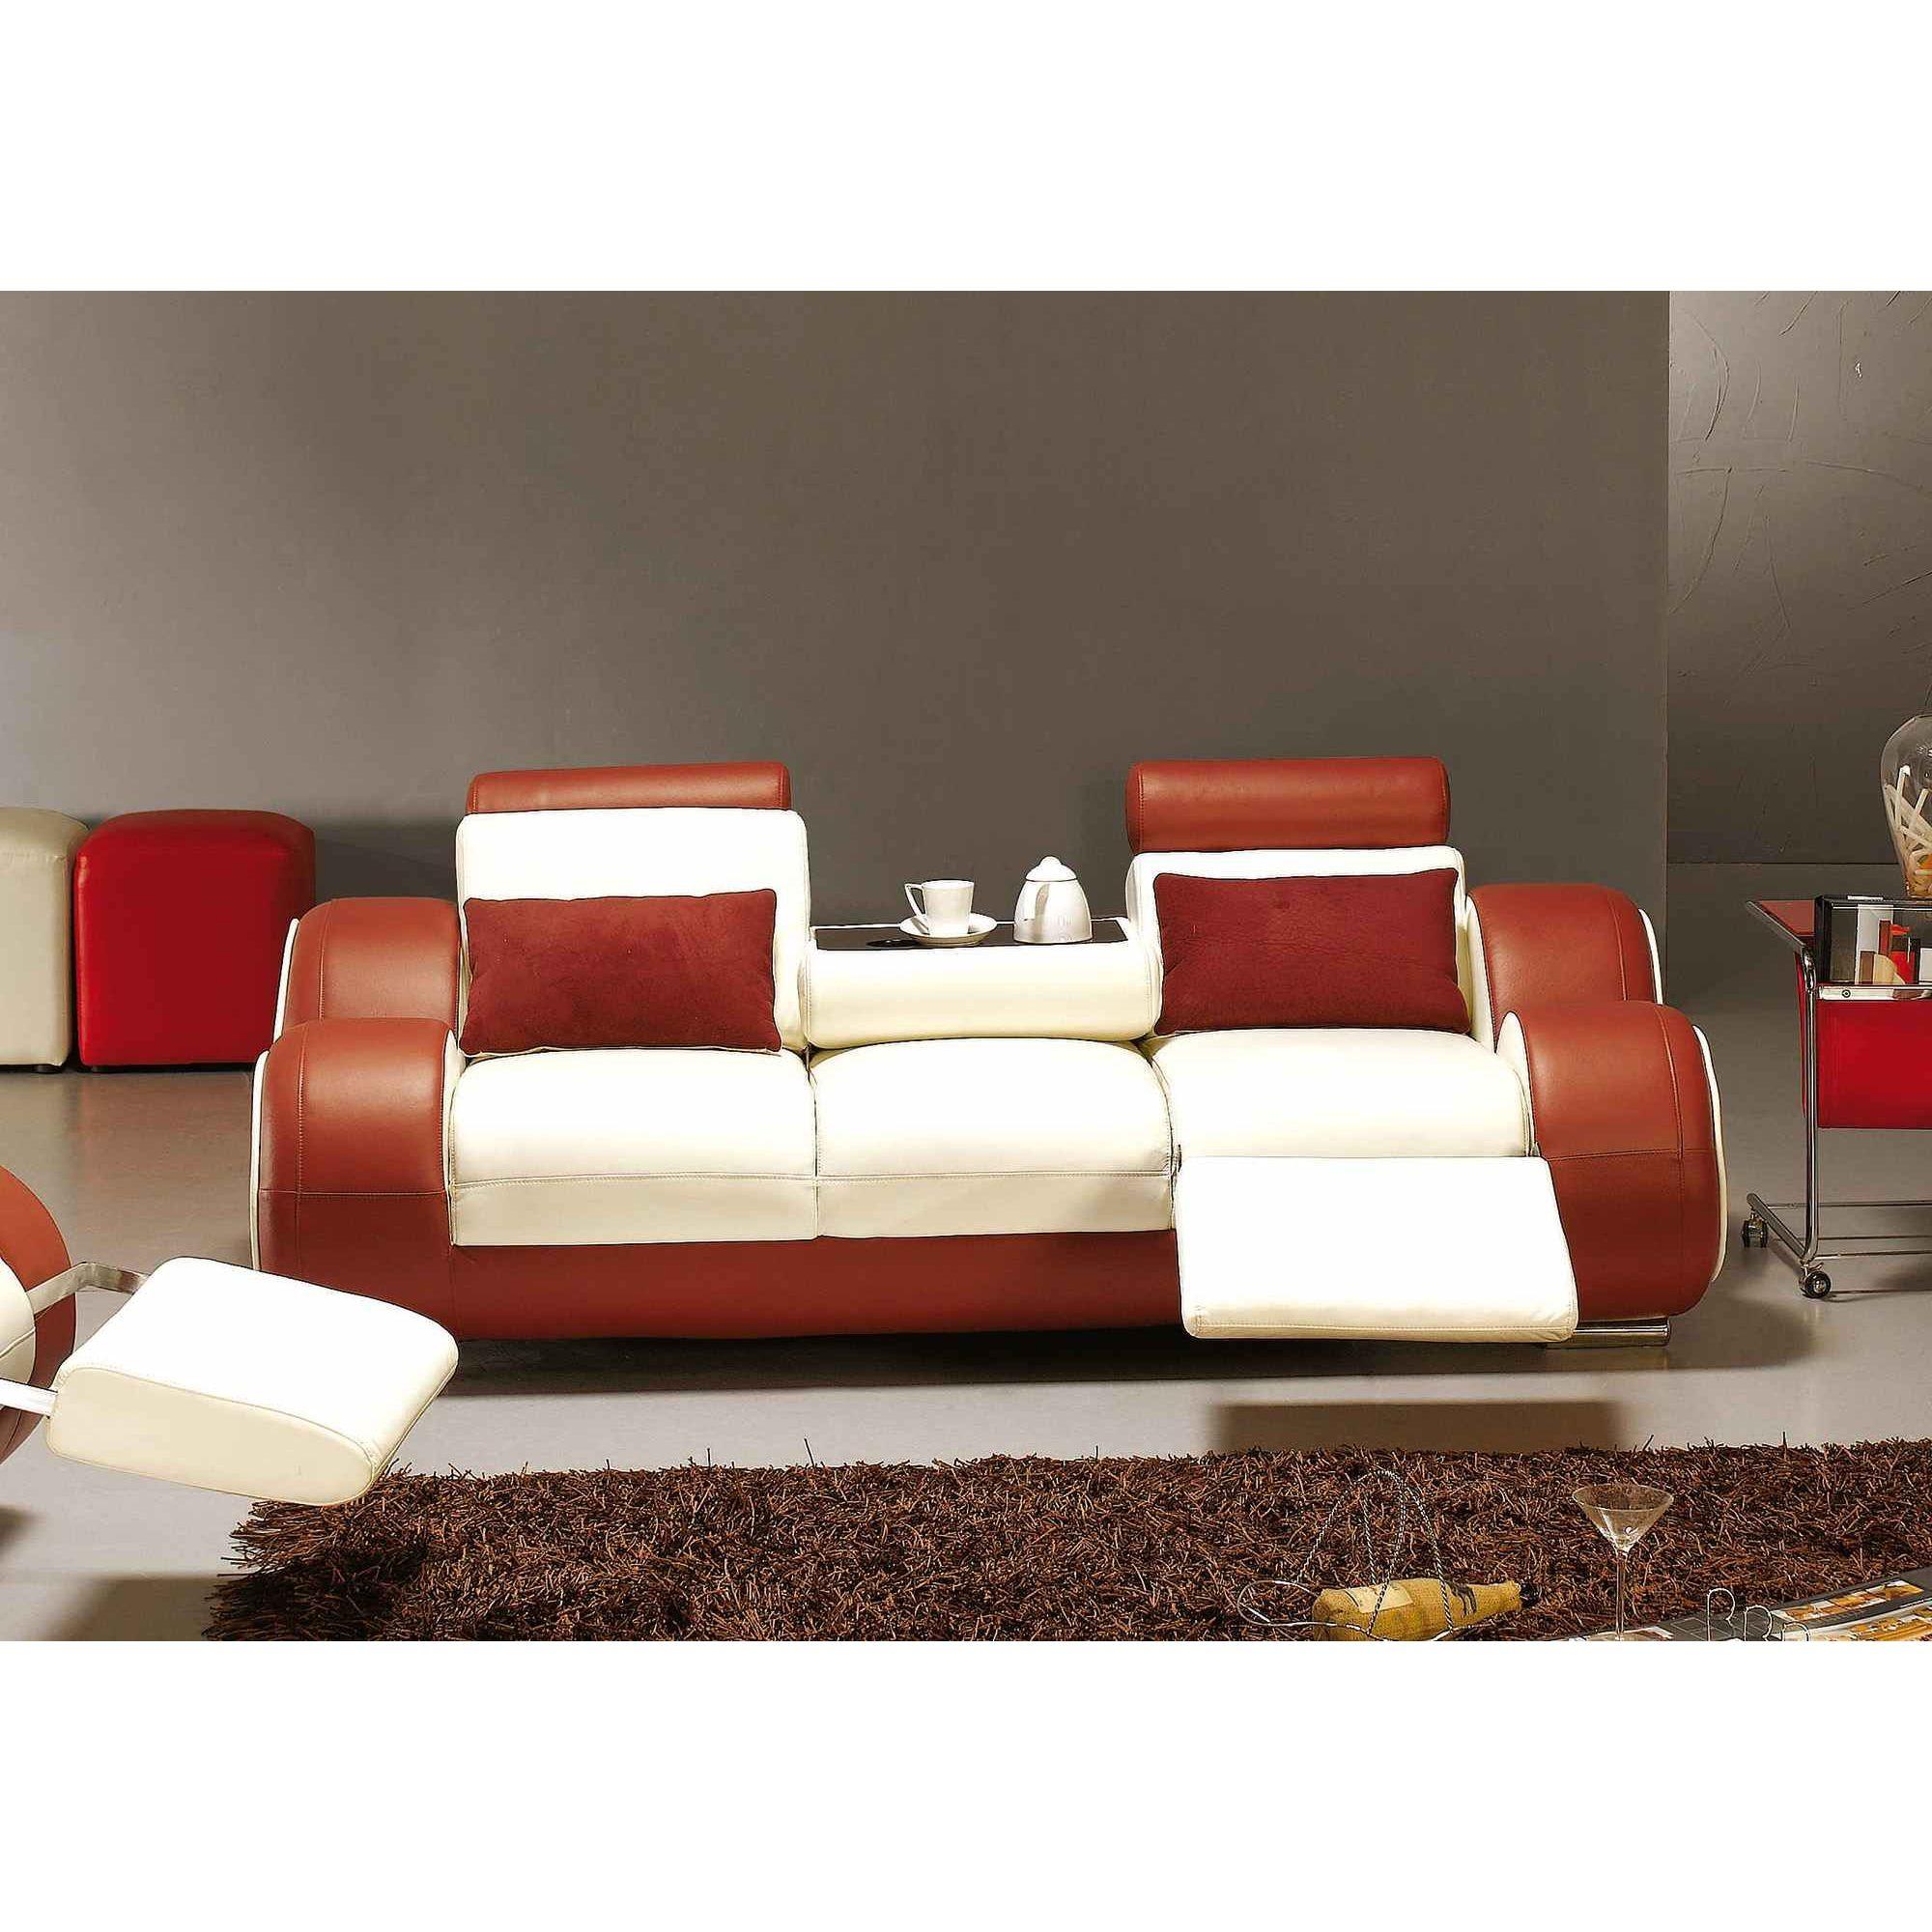 Ensemble Canapé Relax Design Cuir Blanc Et Rouge Oslo avec Canape Relax Design